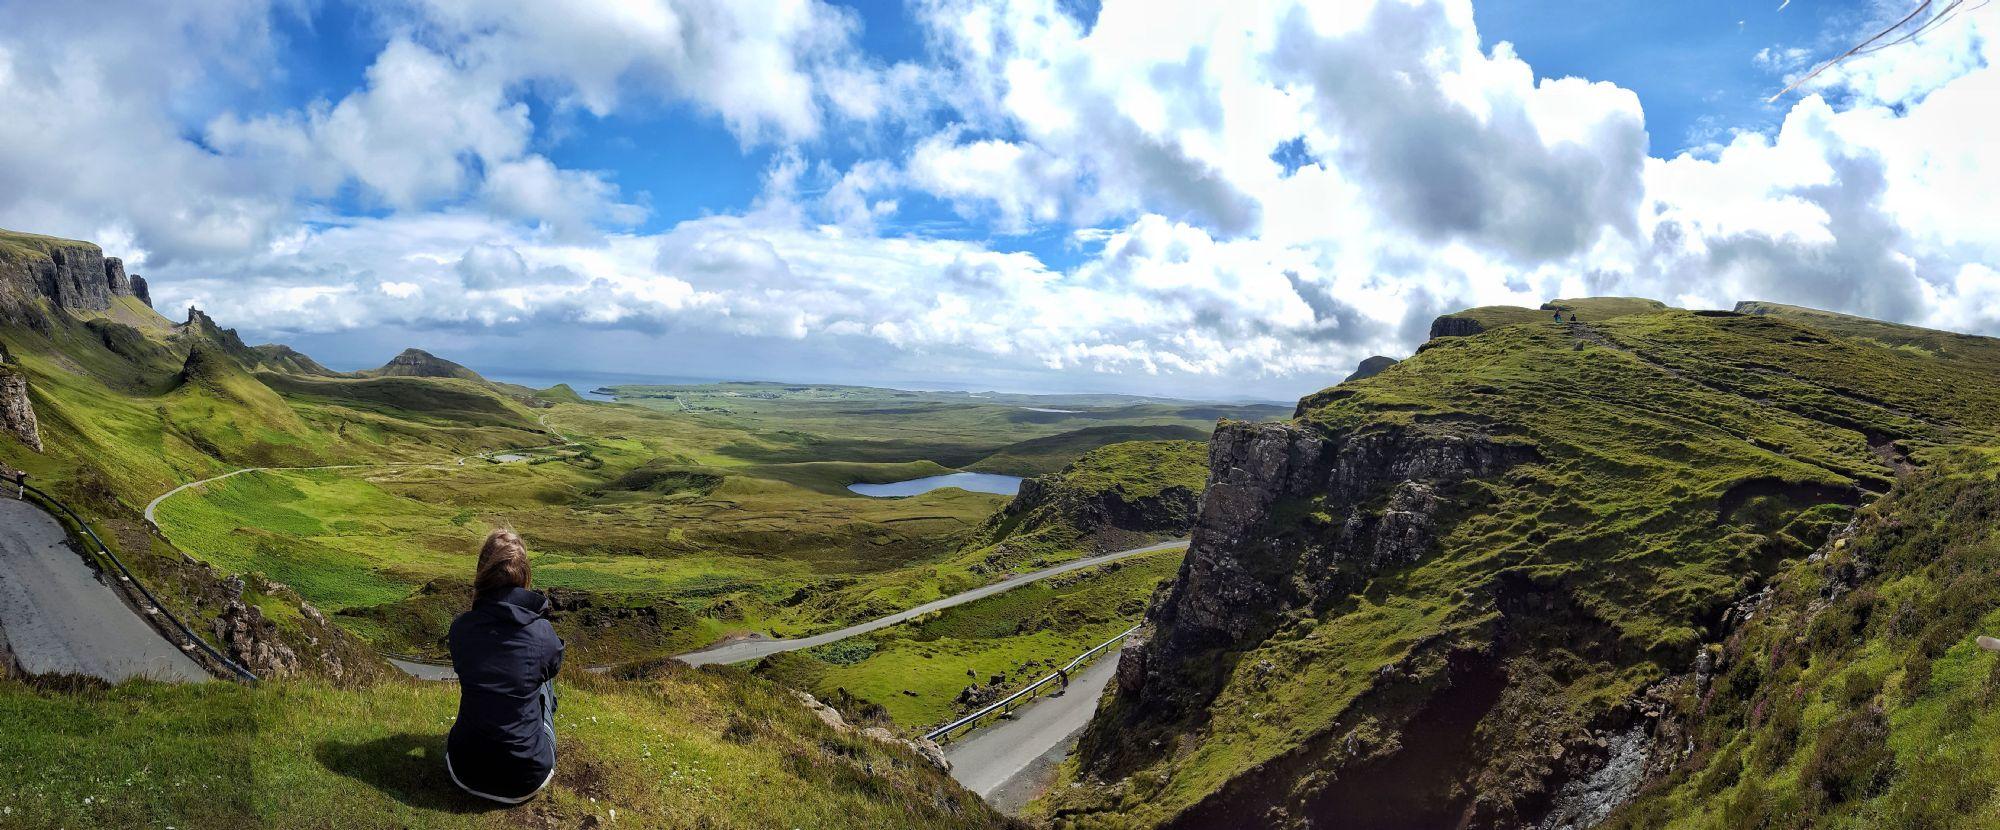 Cuith Raing, Isle of Skye